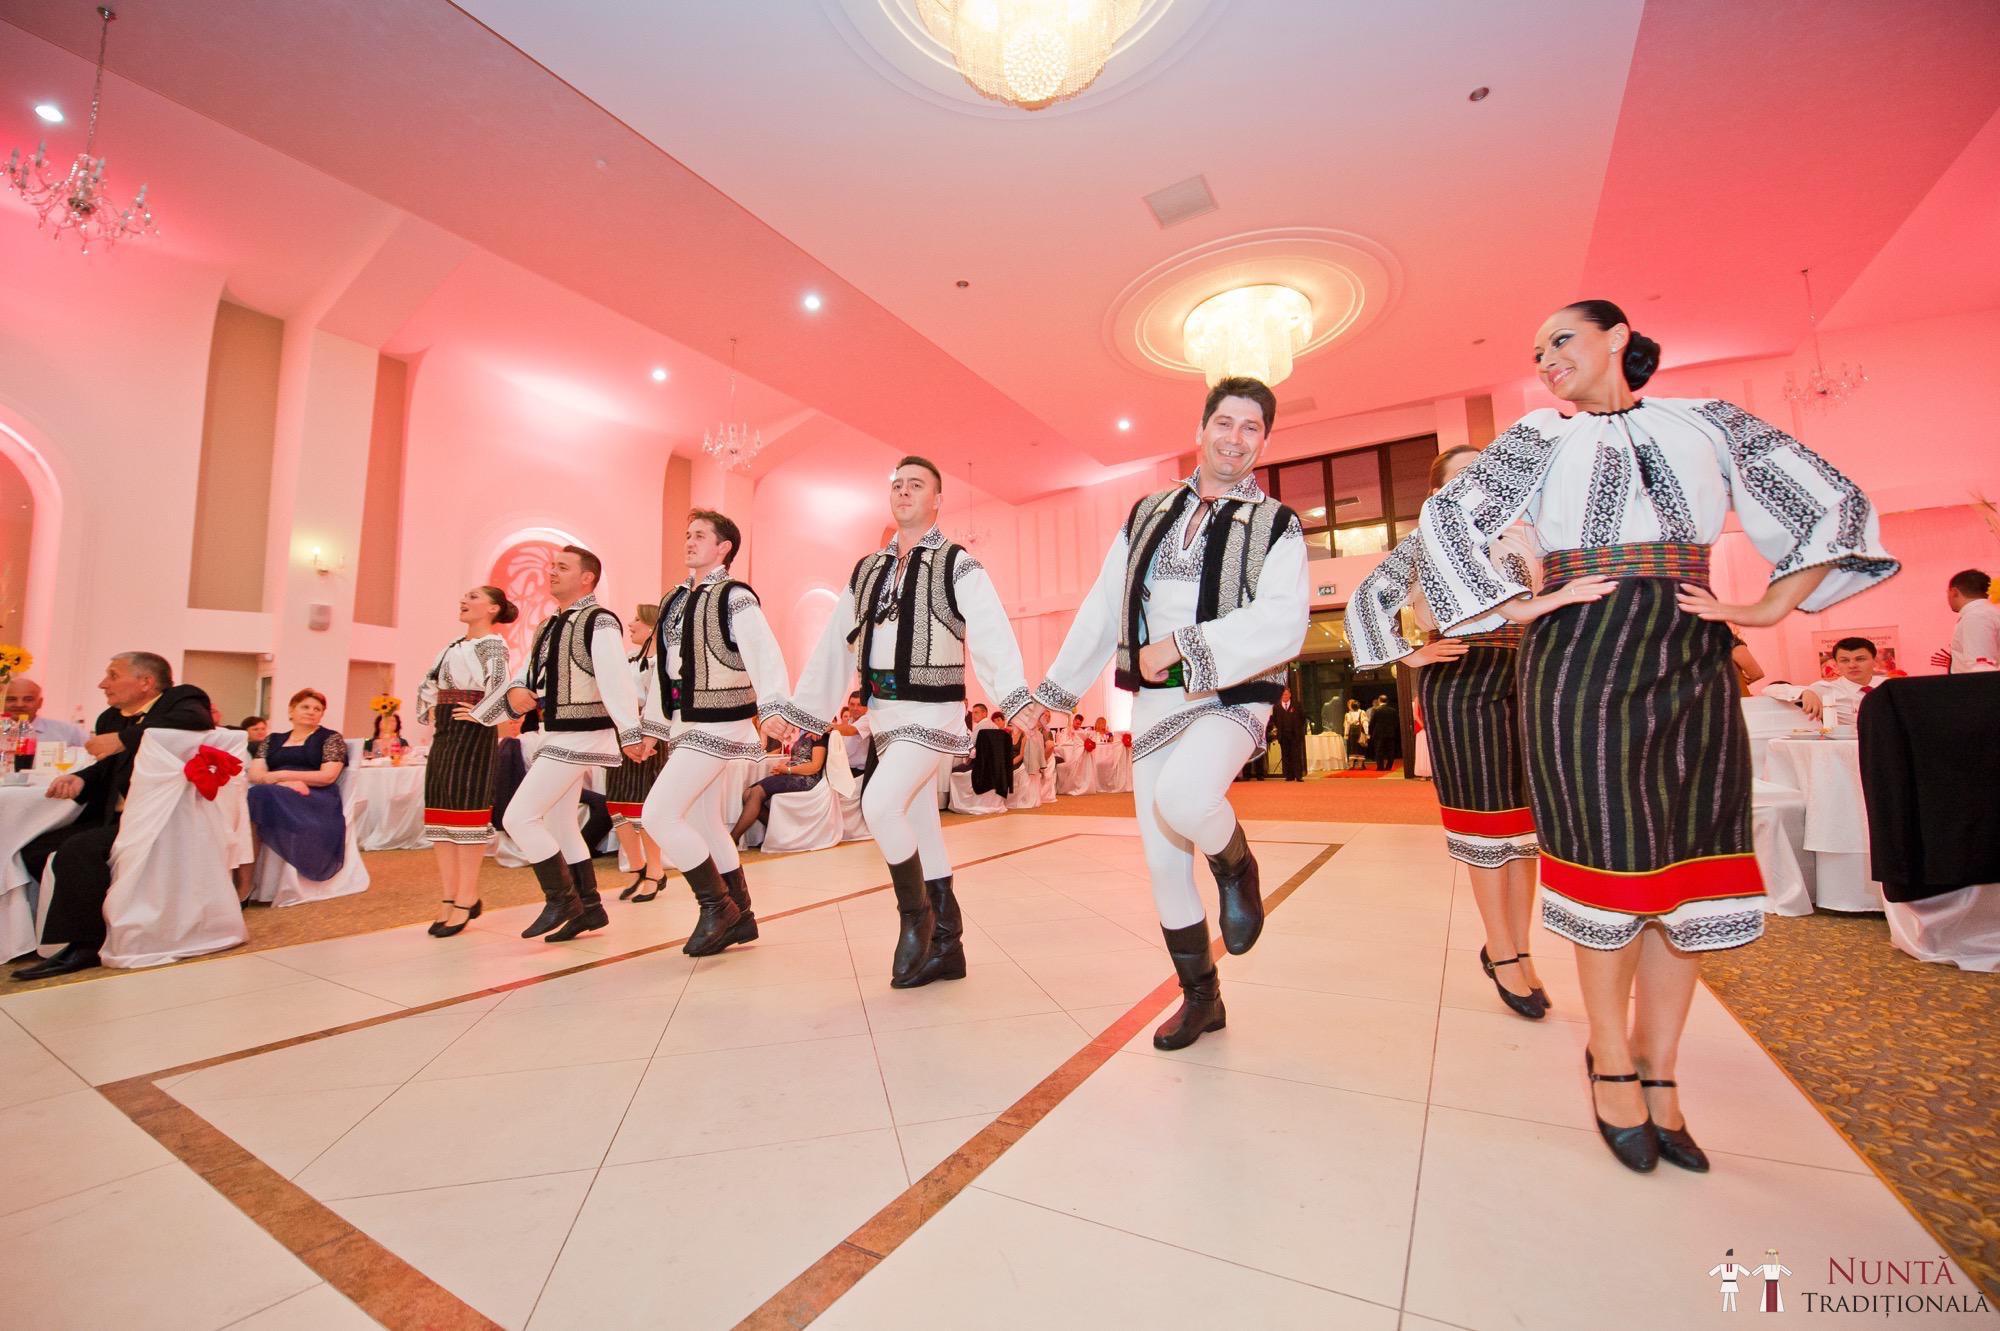 Povești Nunți Tradiționale - Gabriela și Mădălin - Nuntă Tradițională în Suceava, Bucovina 45